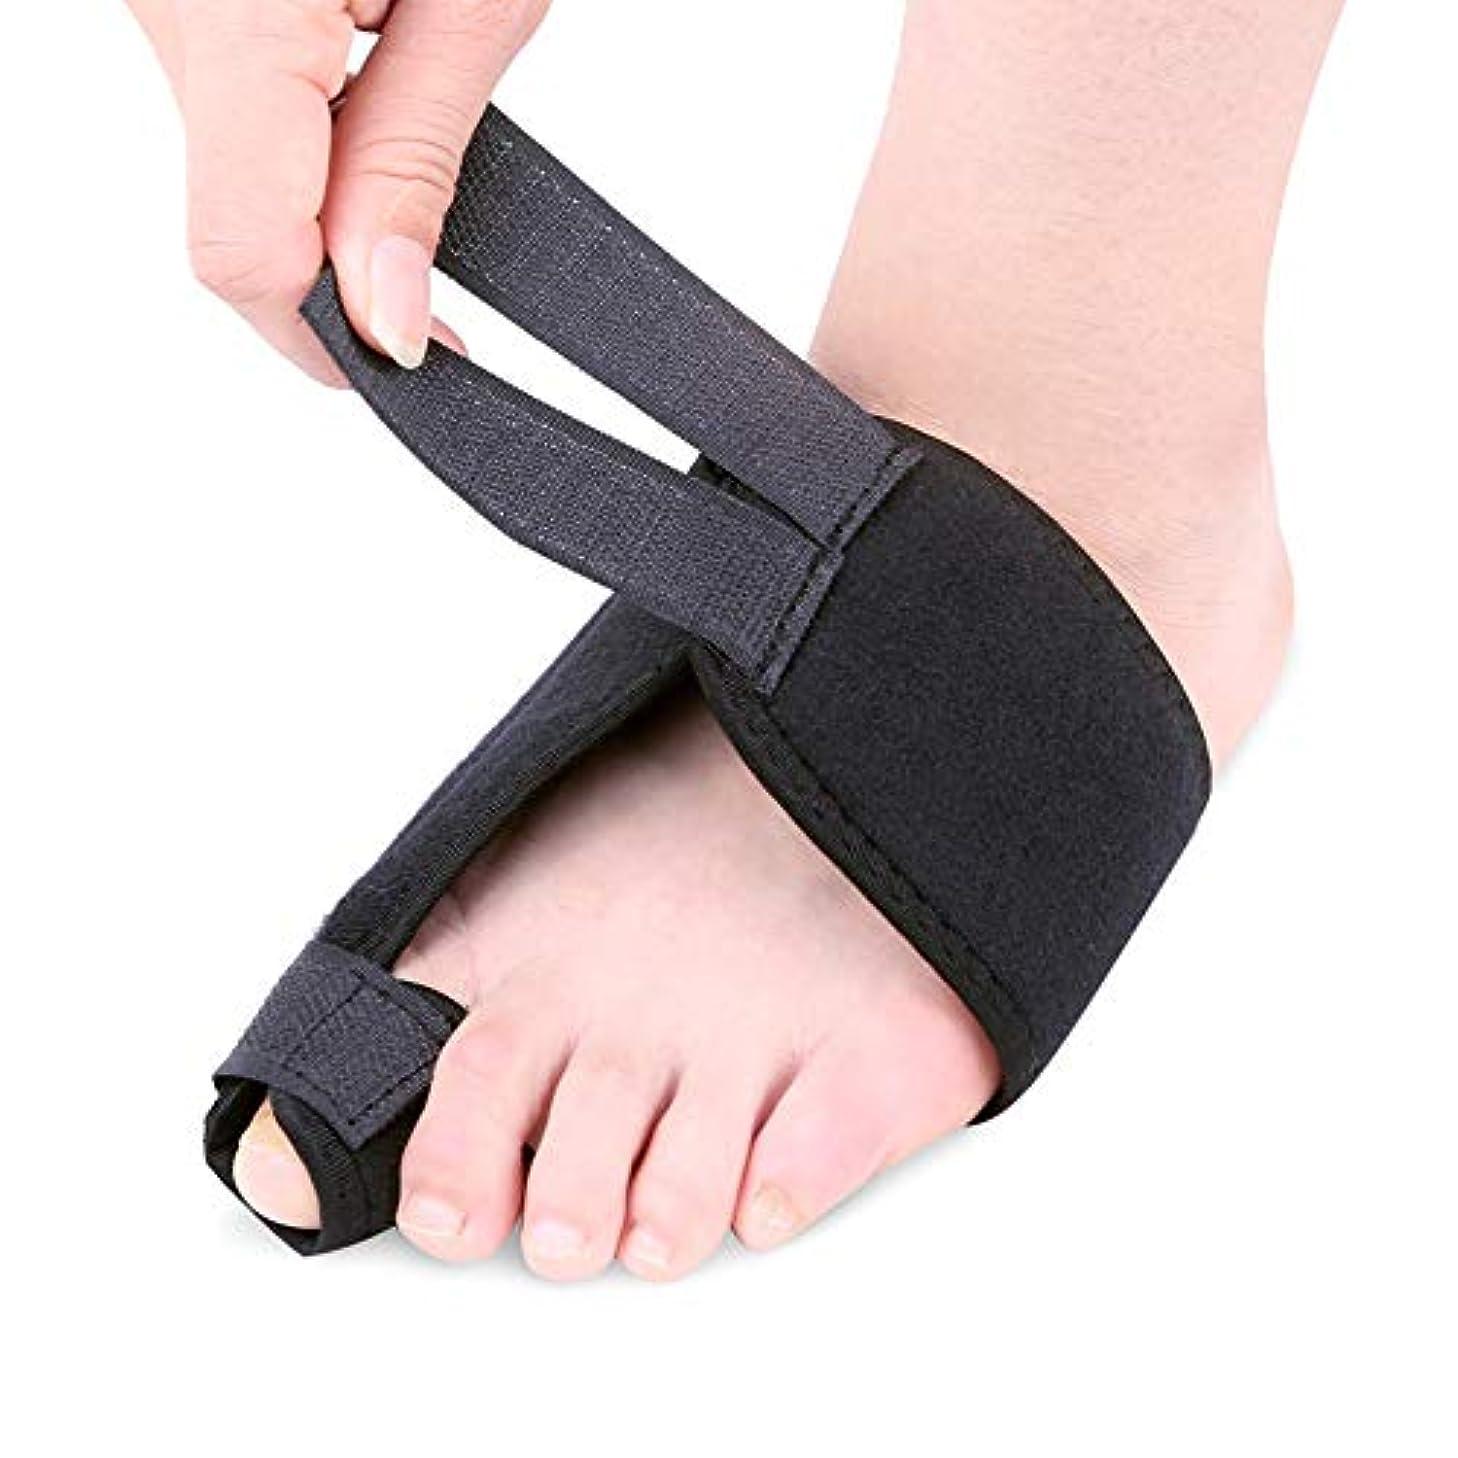 退院バラエティ電信外反母趾足指セパレーターは足指重複嚢胞通気性吸収汗を予防し、ヨガ後の痛みと変形を軽減,M